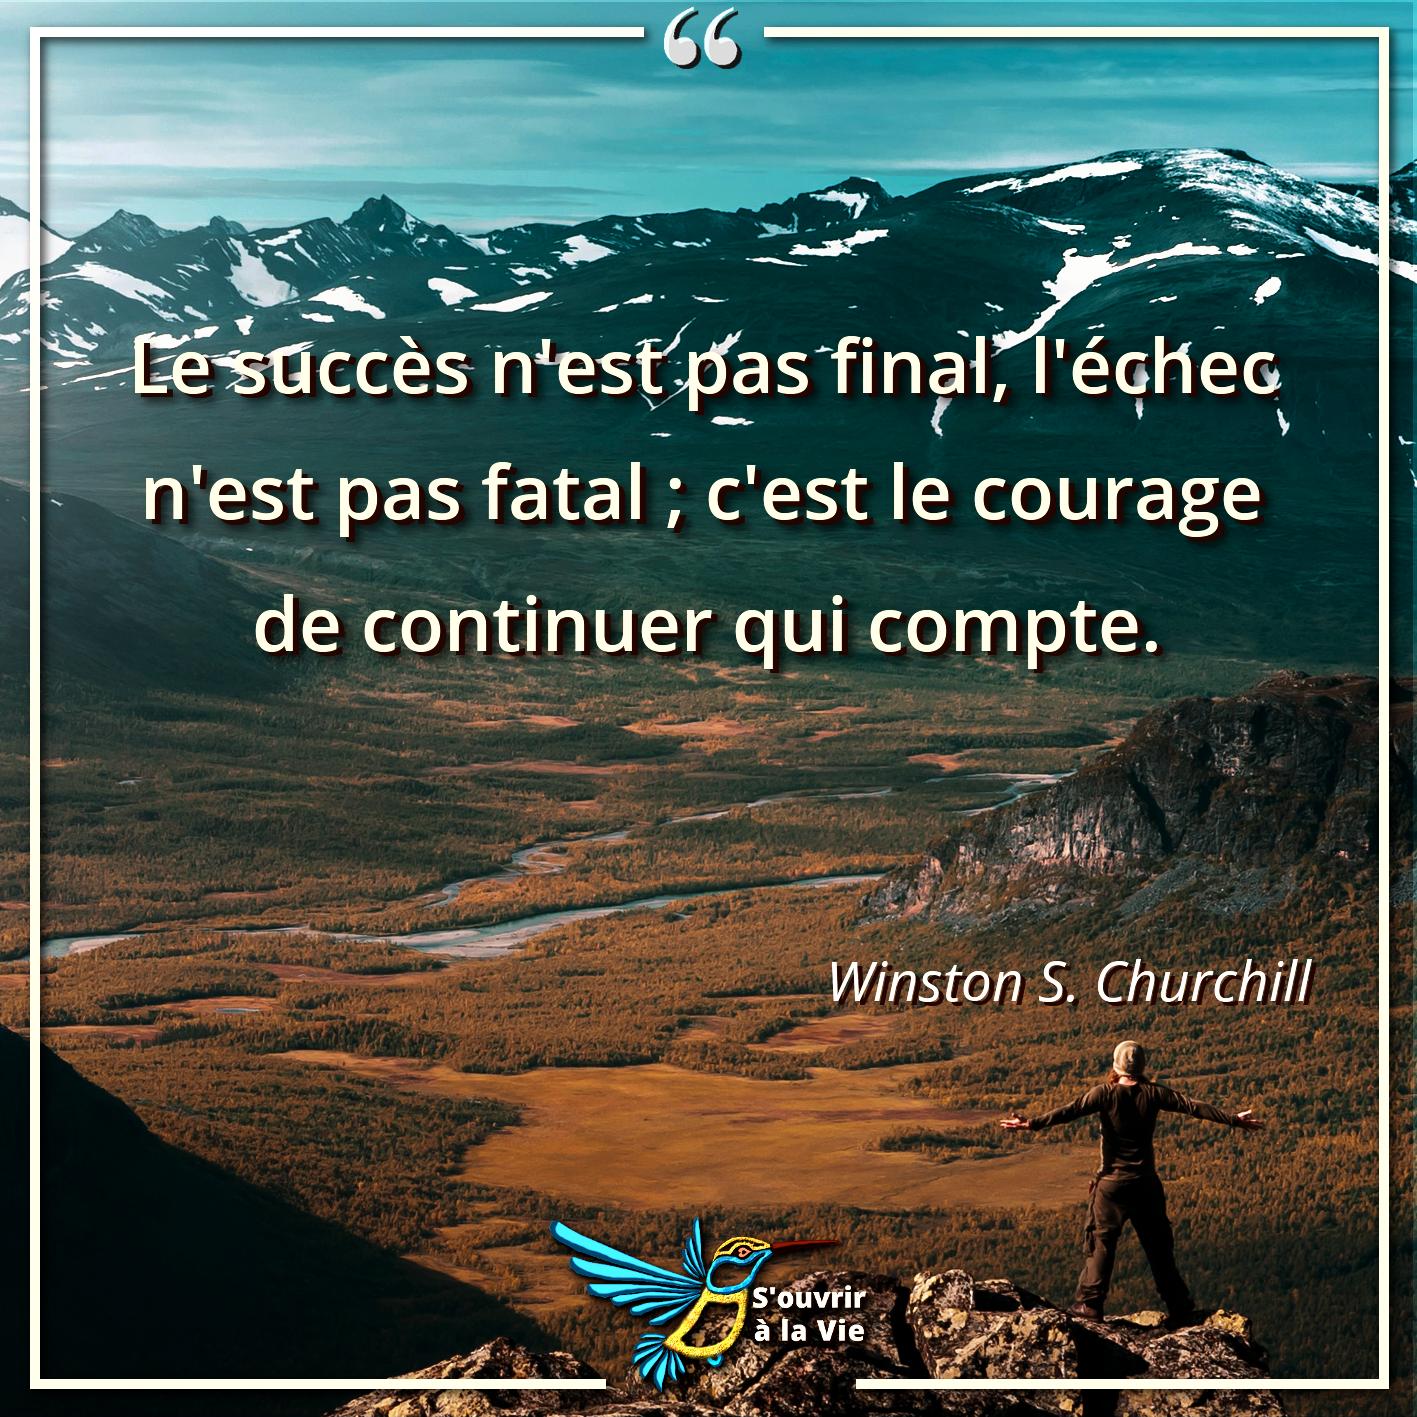 Les succès n'est pas final, l'échec n'est pas fatal, c'est le courage de continuer qui compte. http://bit.ly/2es1u1T